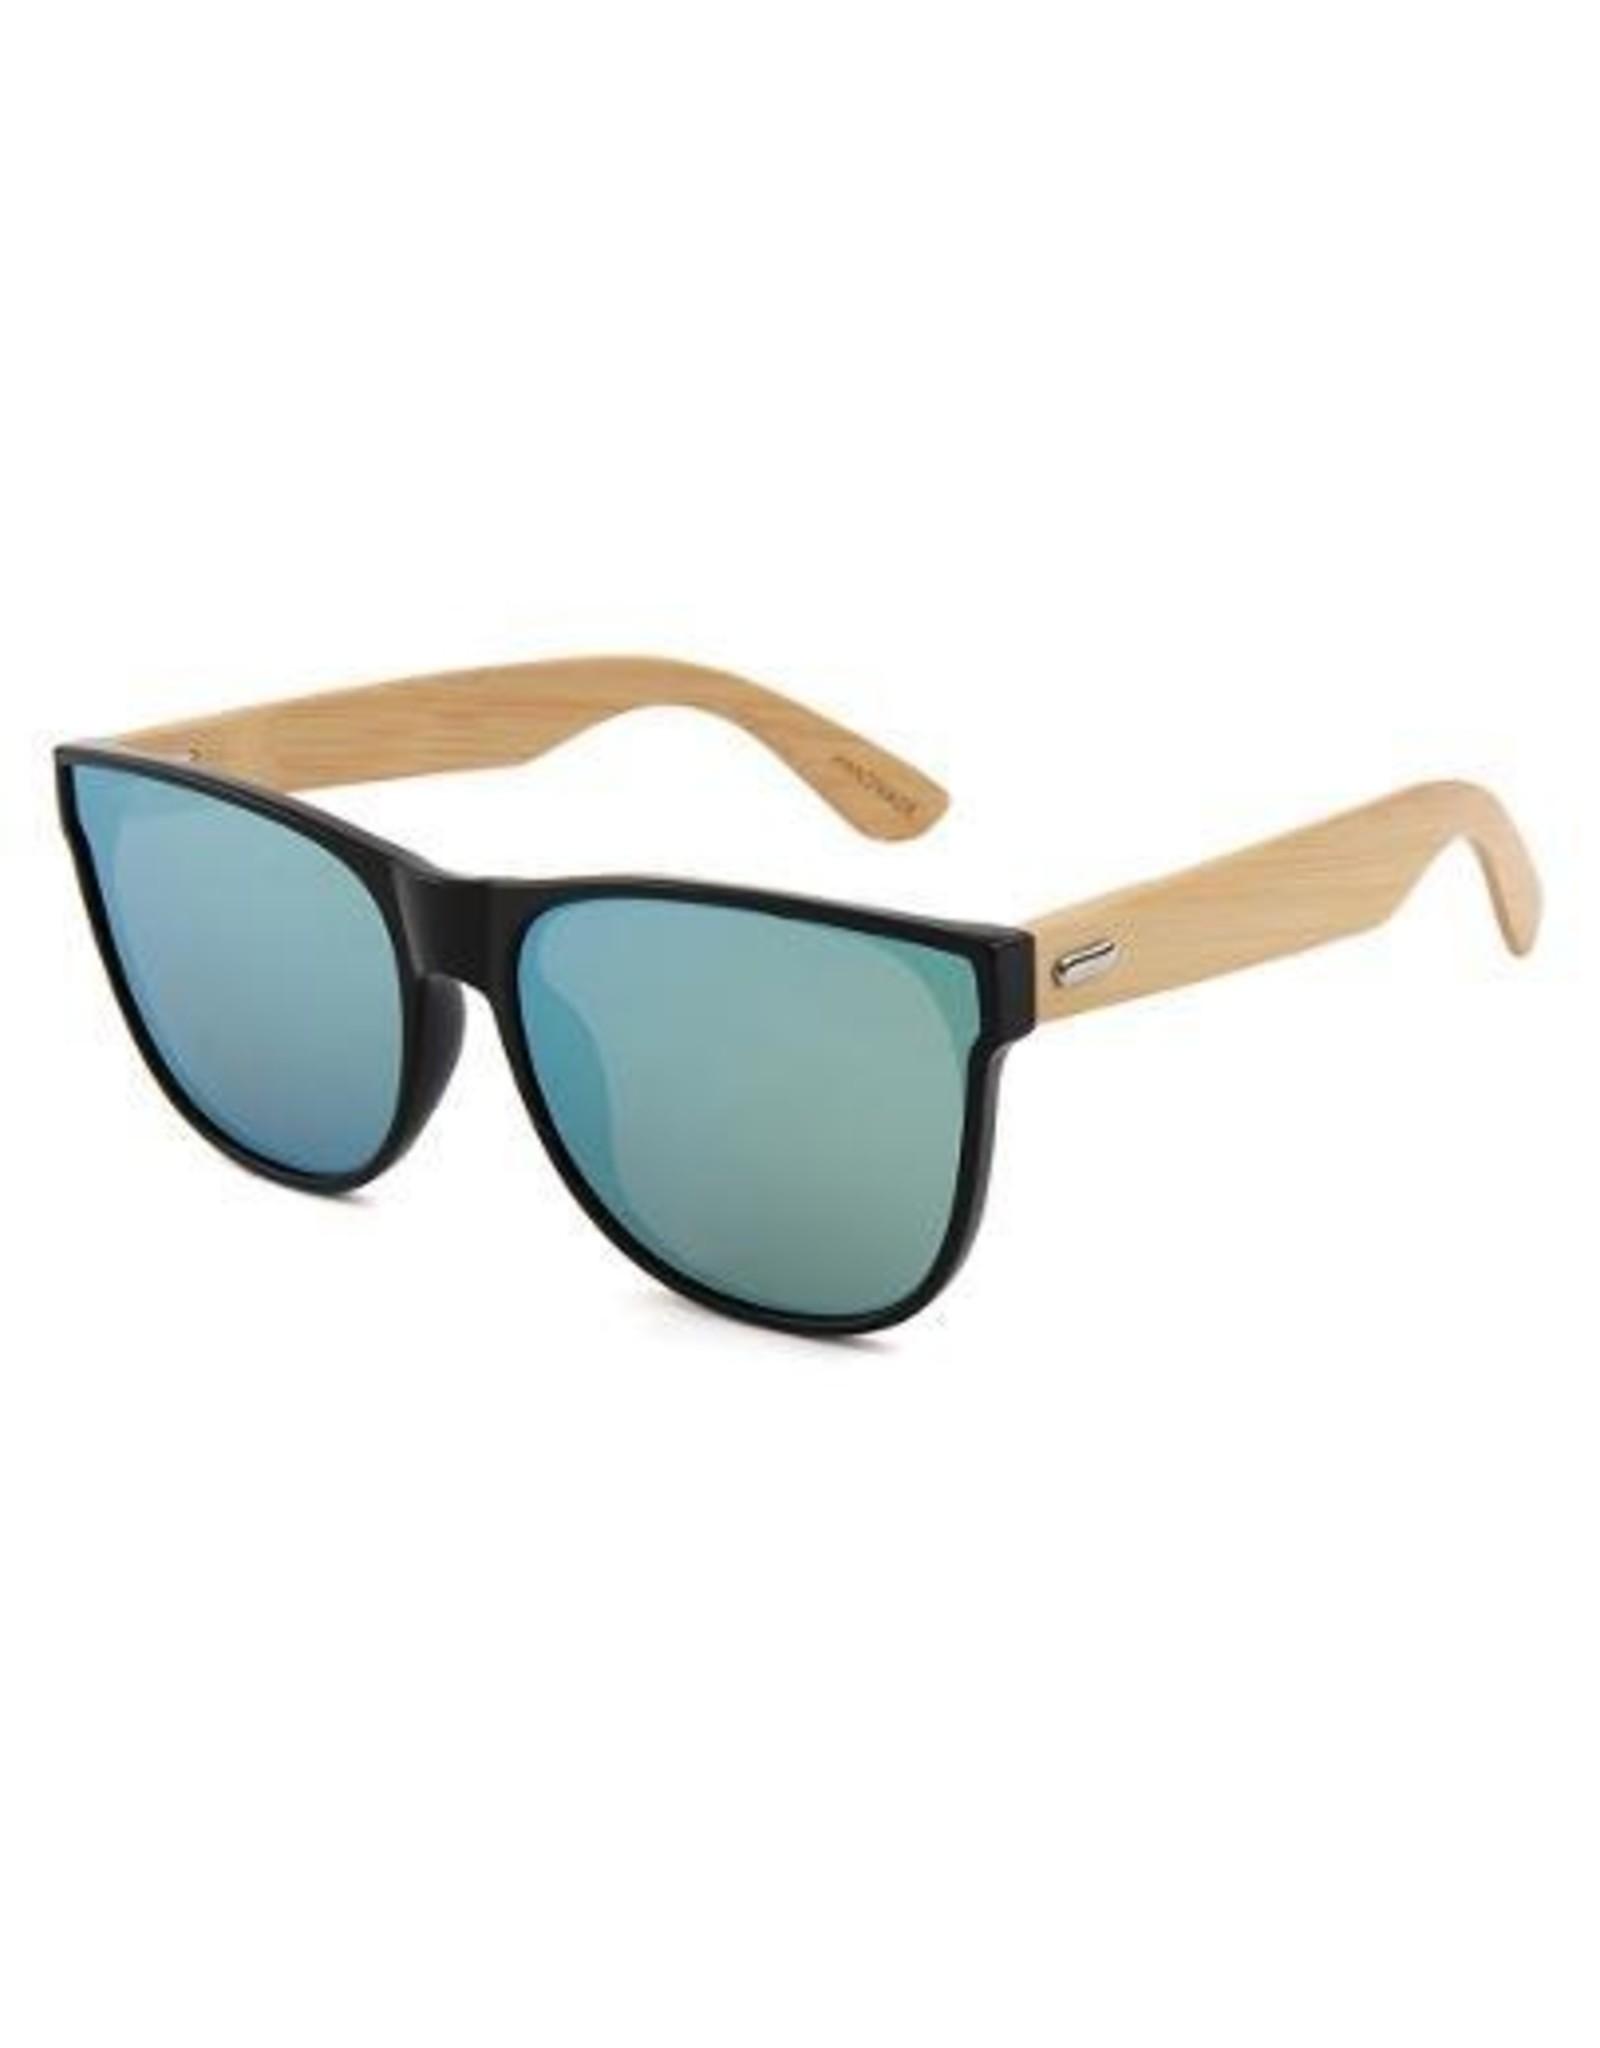 Kuma Eyewear - Papaya Sunglasses